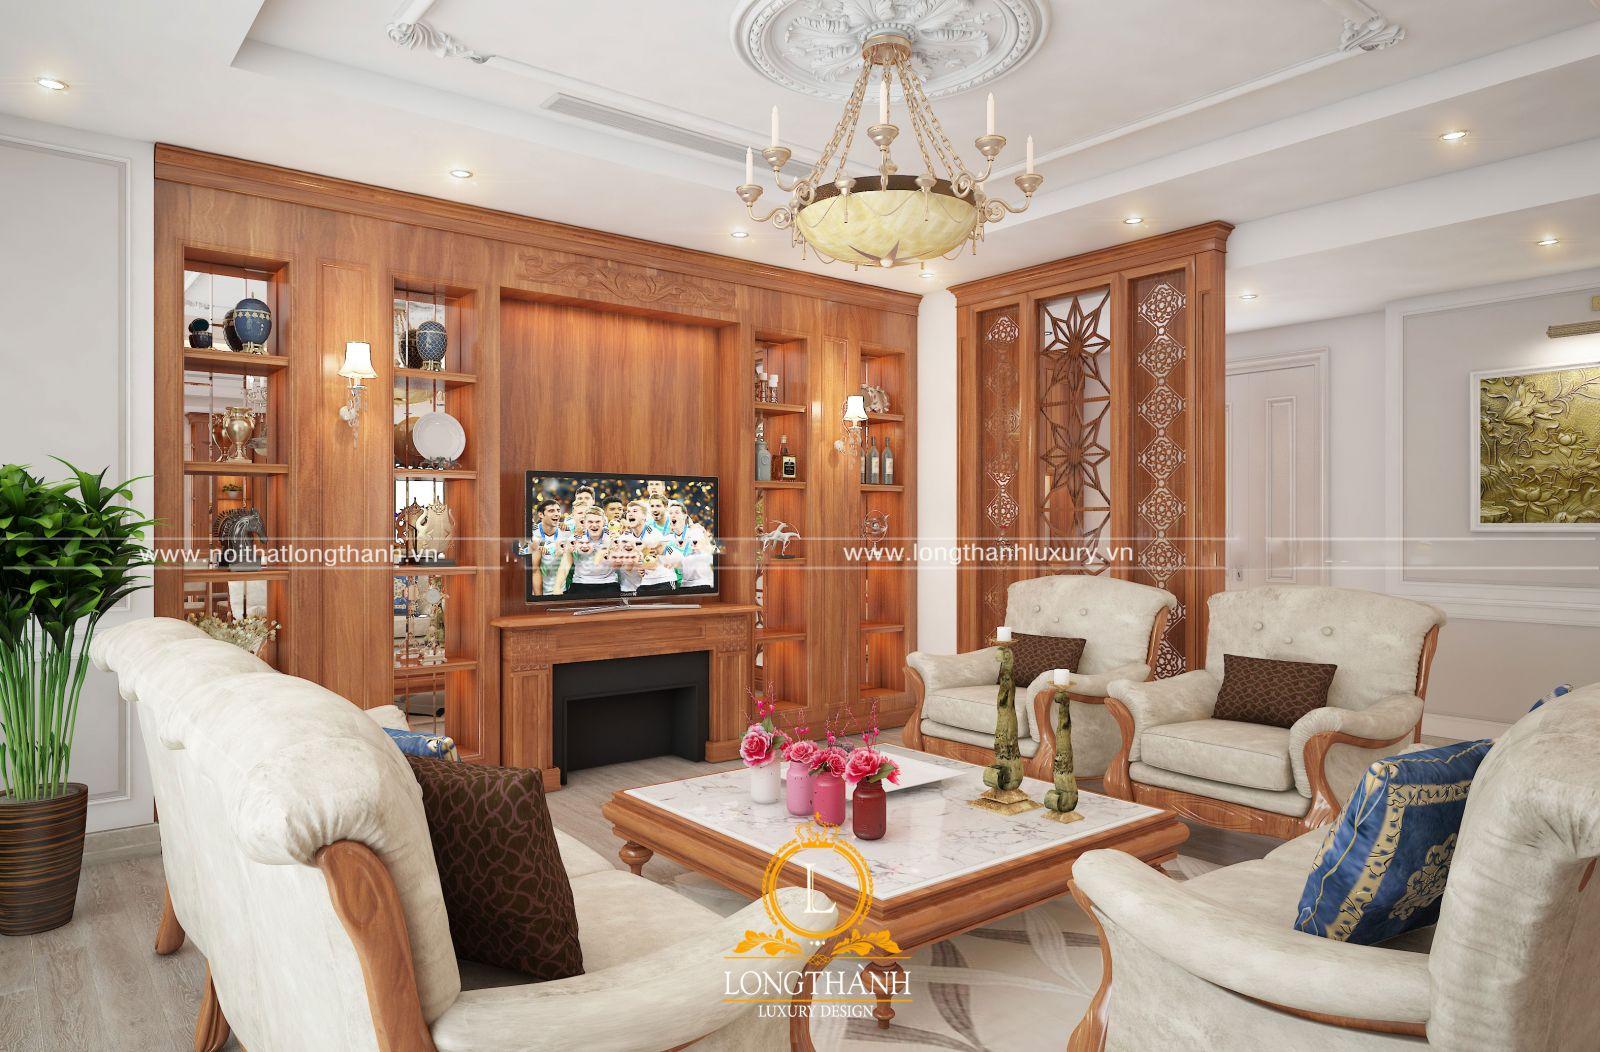 Bộ sofa nỉ tân cổ điển được thiết kế cân đối cùng không gian phòng khách gia đình